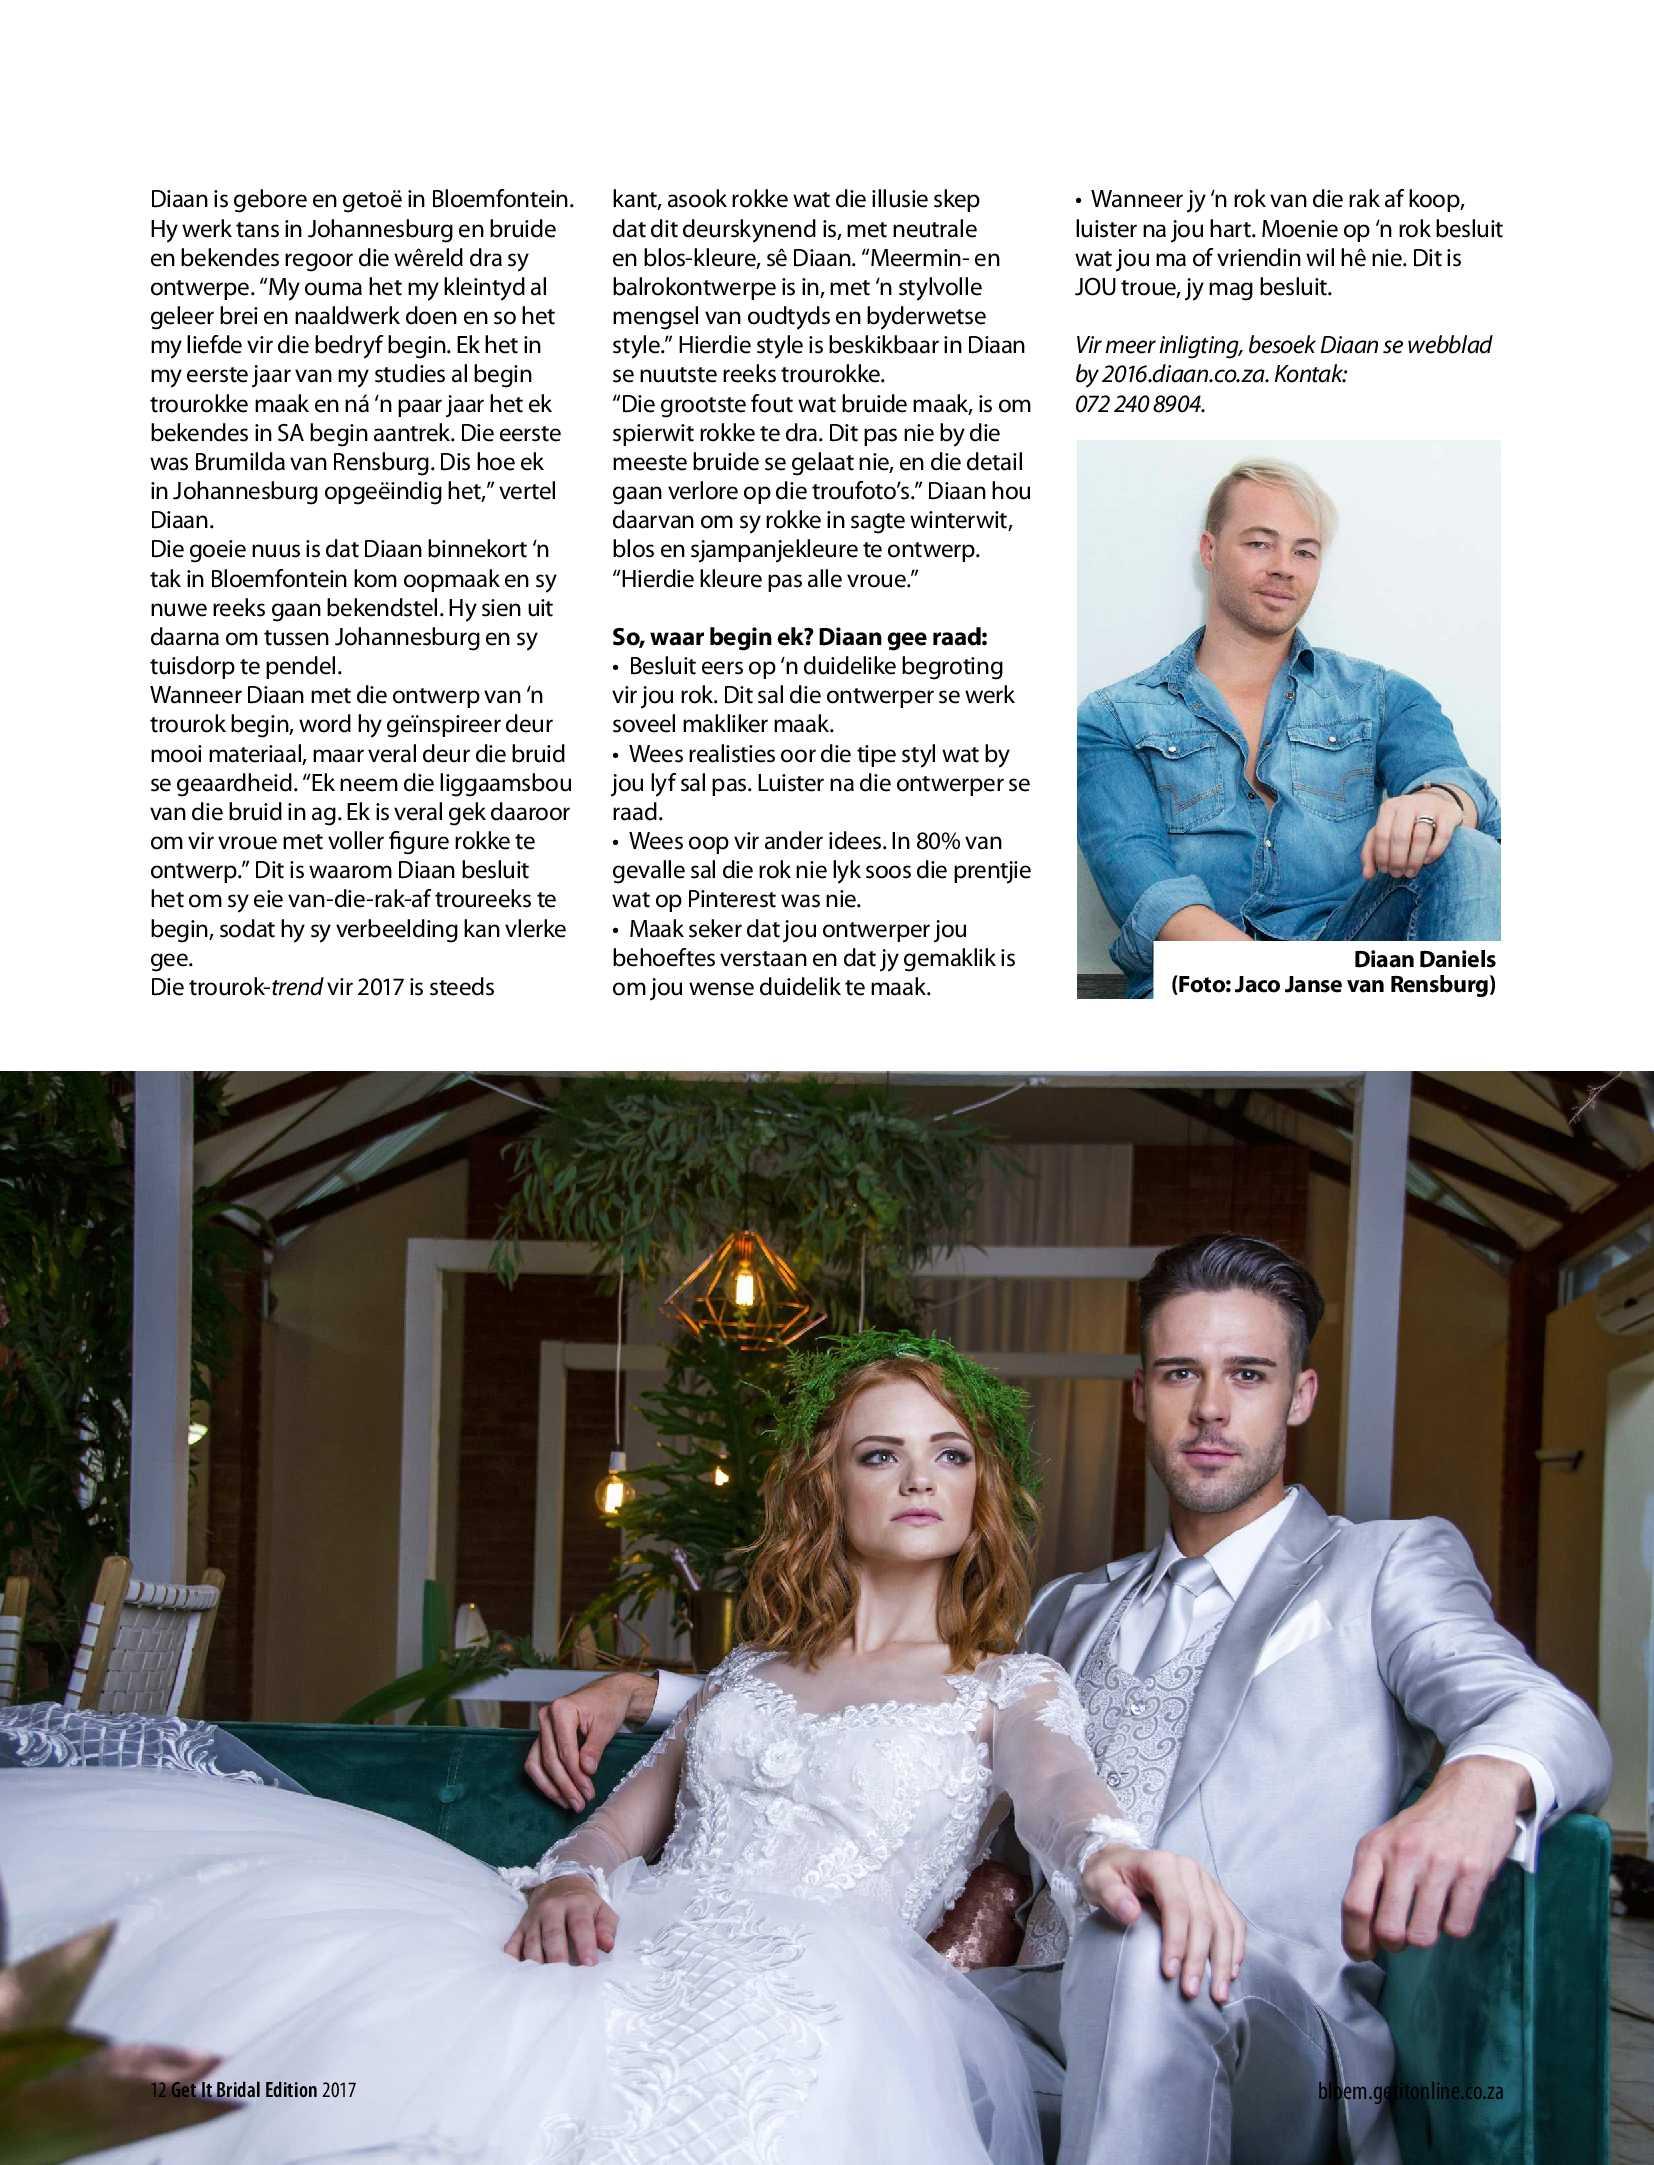 get-bloemfontein-bridal-2017-epapers-page-12